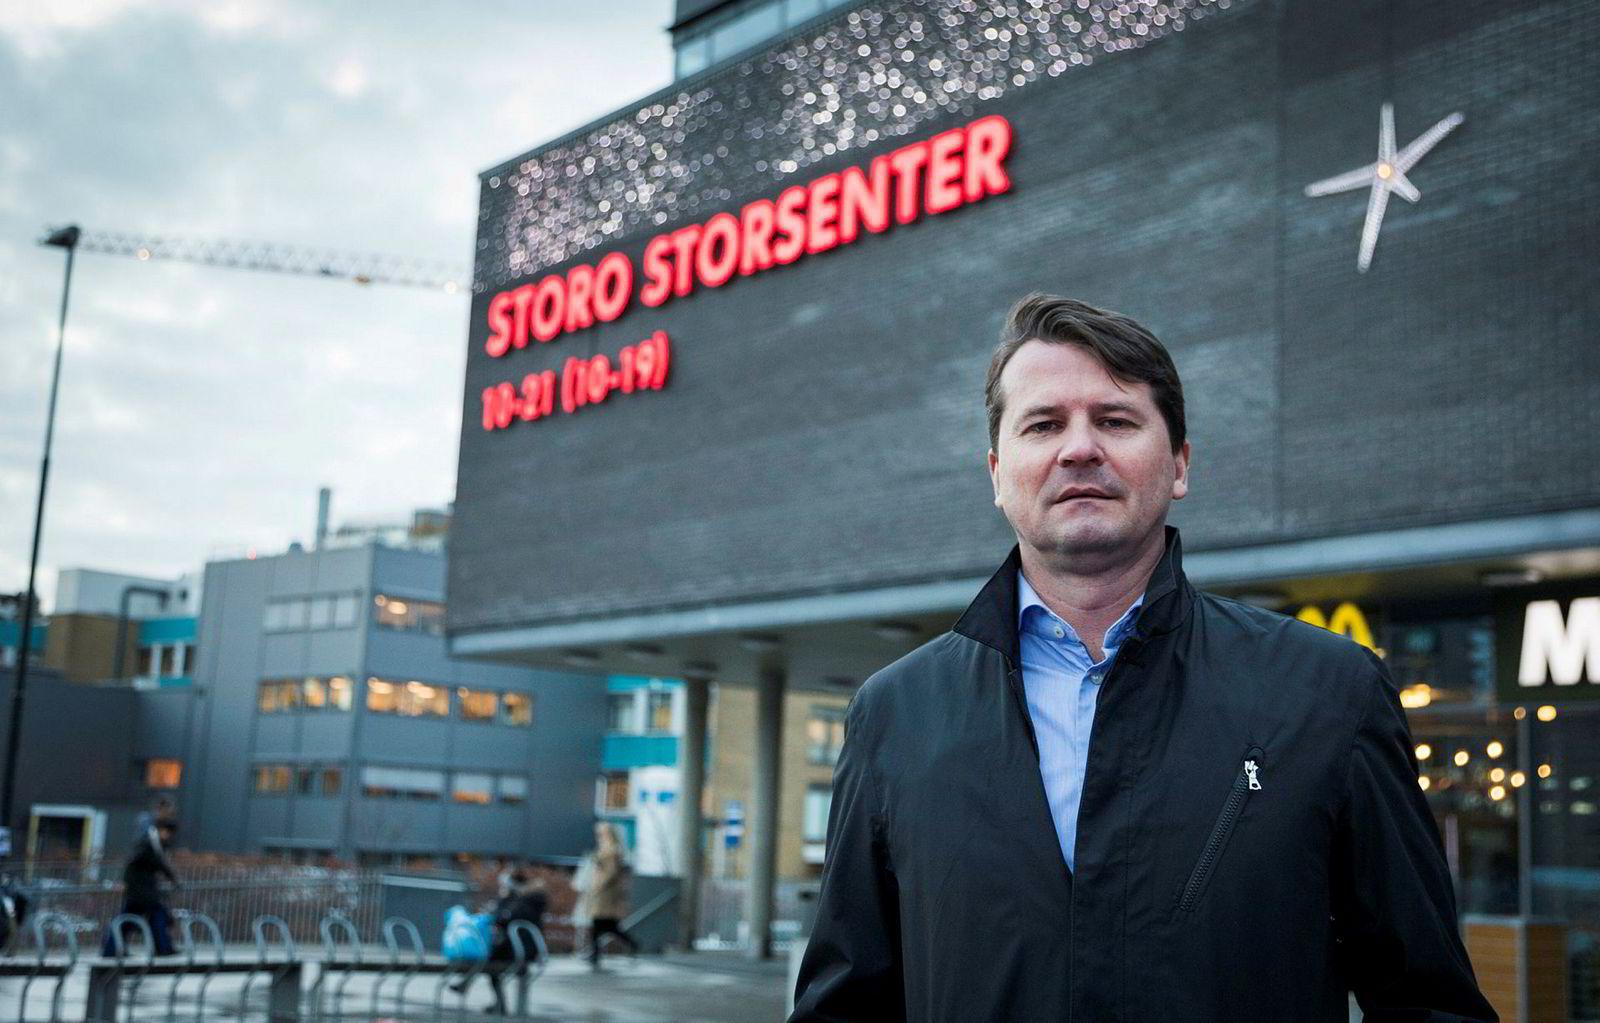 – Virksomheter innen klær, sko og servering, er det vi oppfatter er hardest rammet, sier visekonsernsjef Ole-Christian Hallerud i Olav Thon-gruppen.